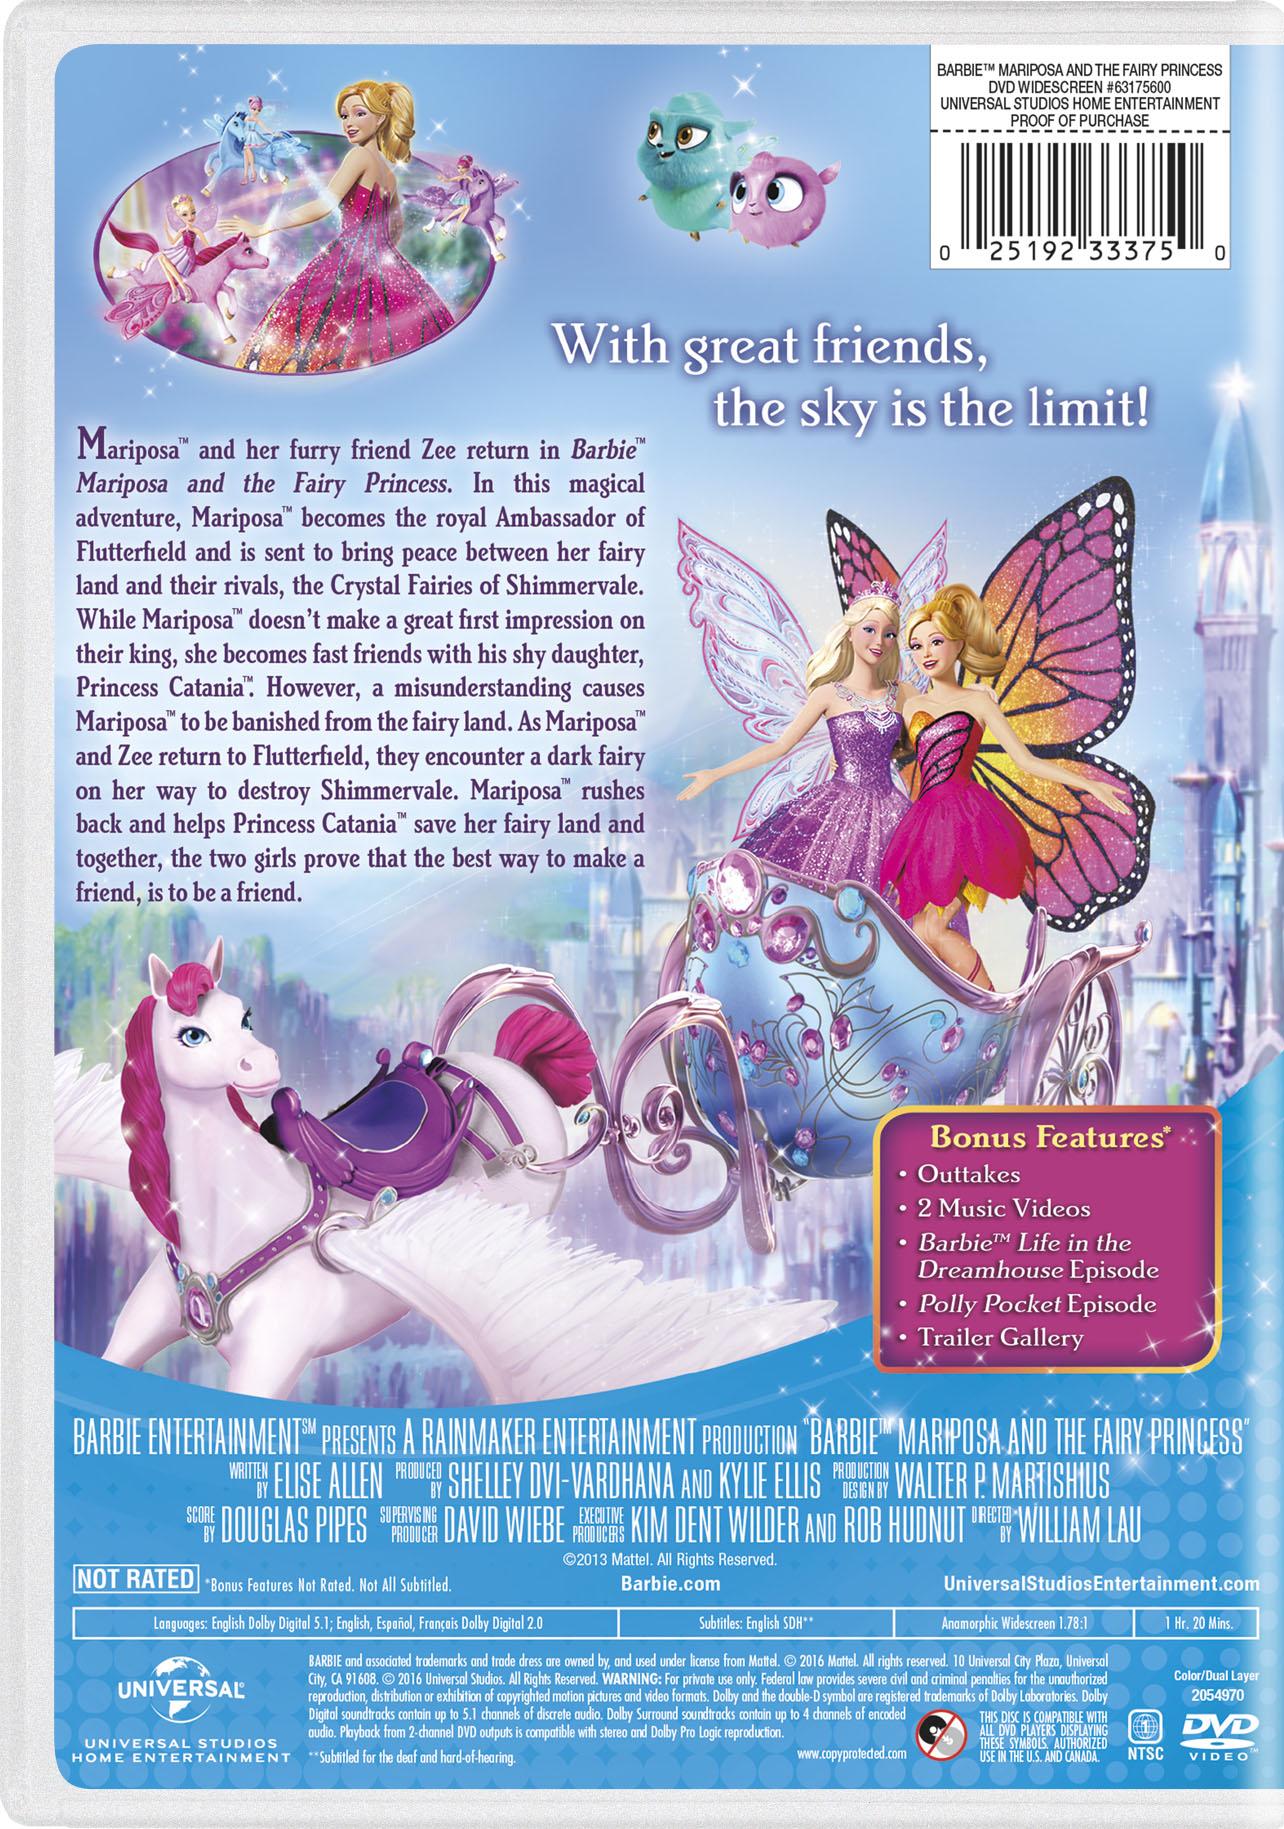 Barbie Mariposa The Fairy Princess Movie Page Dvd Blu Ray